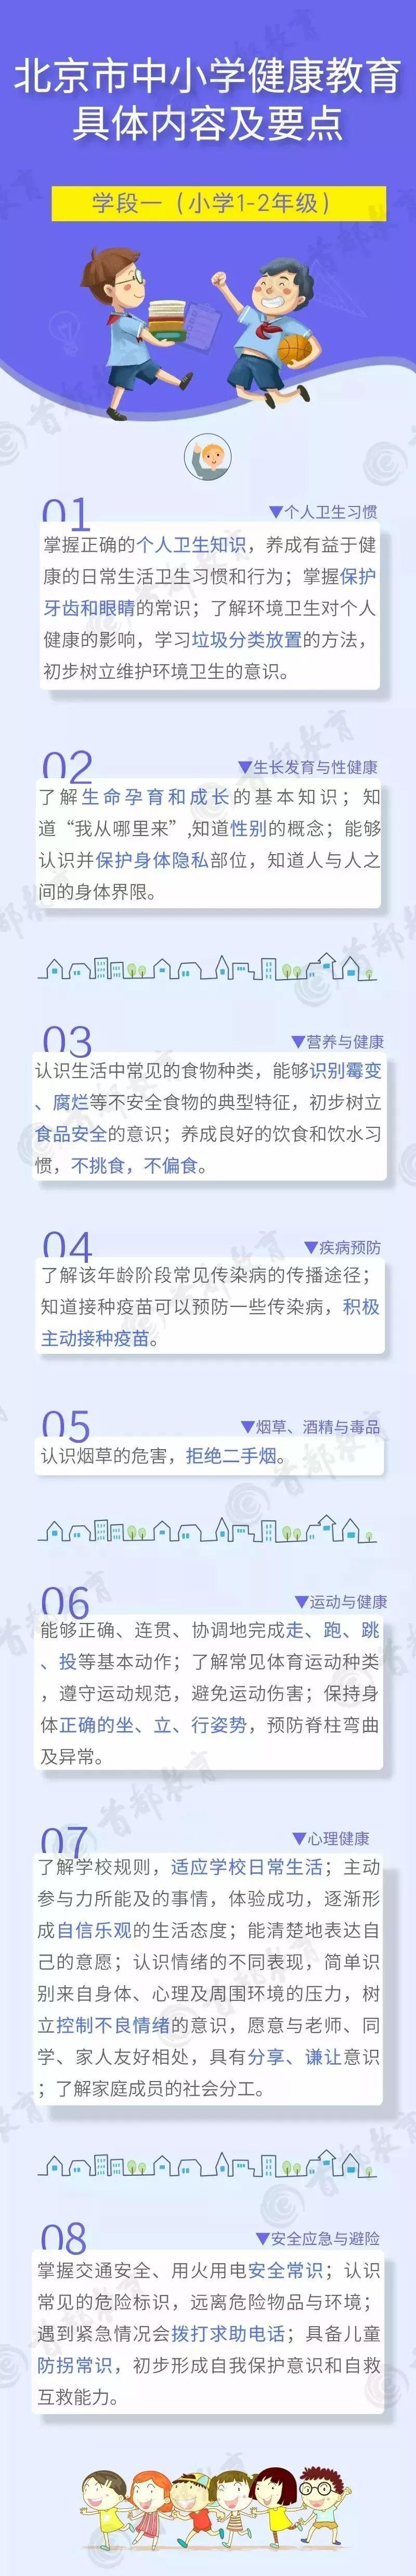 <b>北京中小学生各学段需养成这些健康习惯,看看您家孩子达标了么</b>